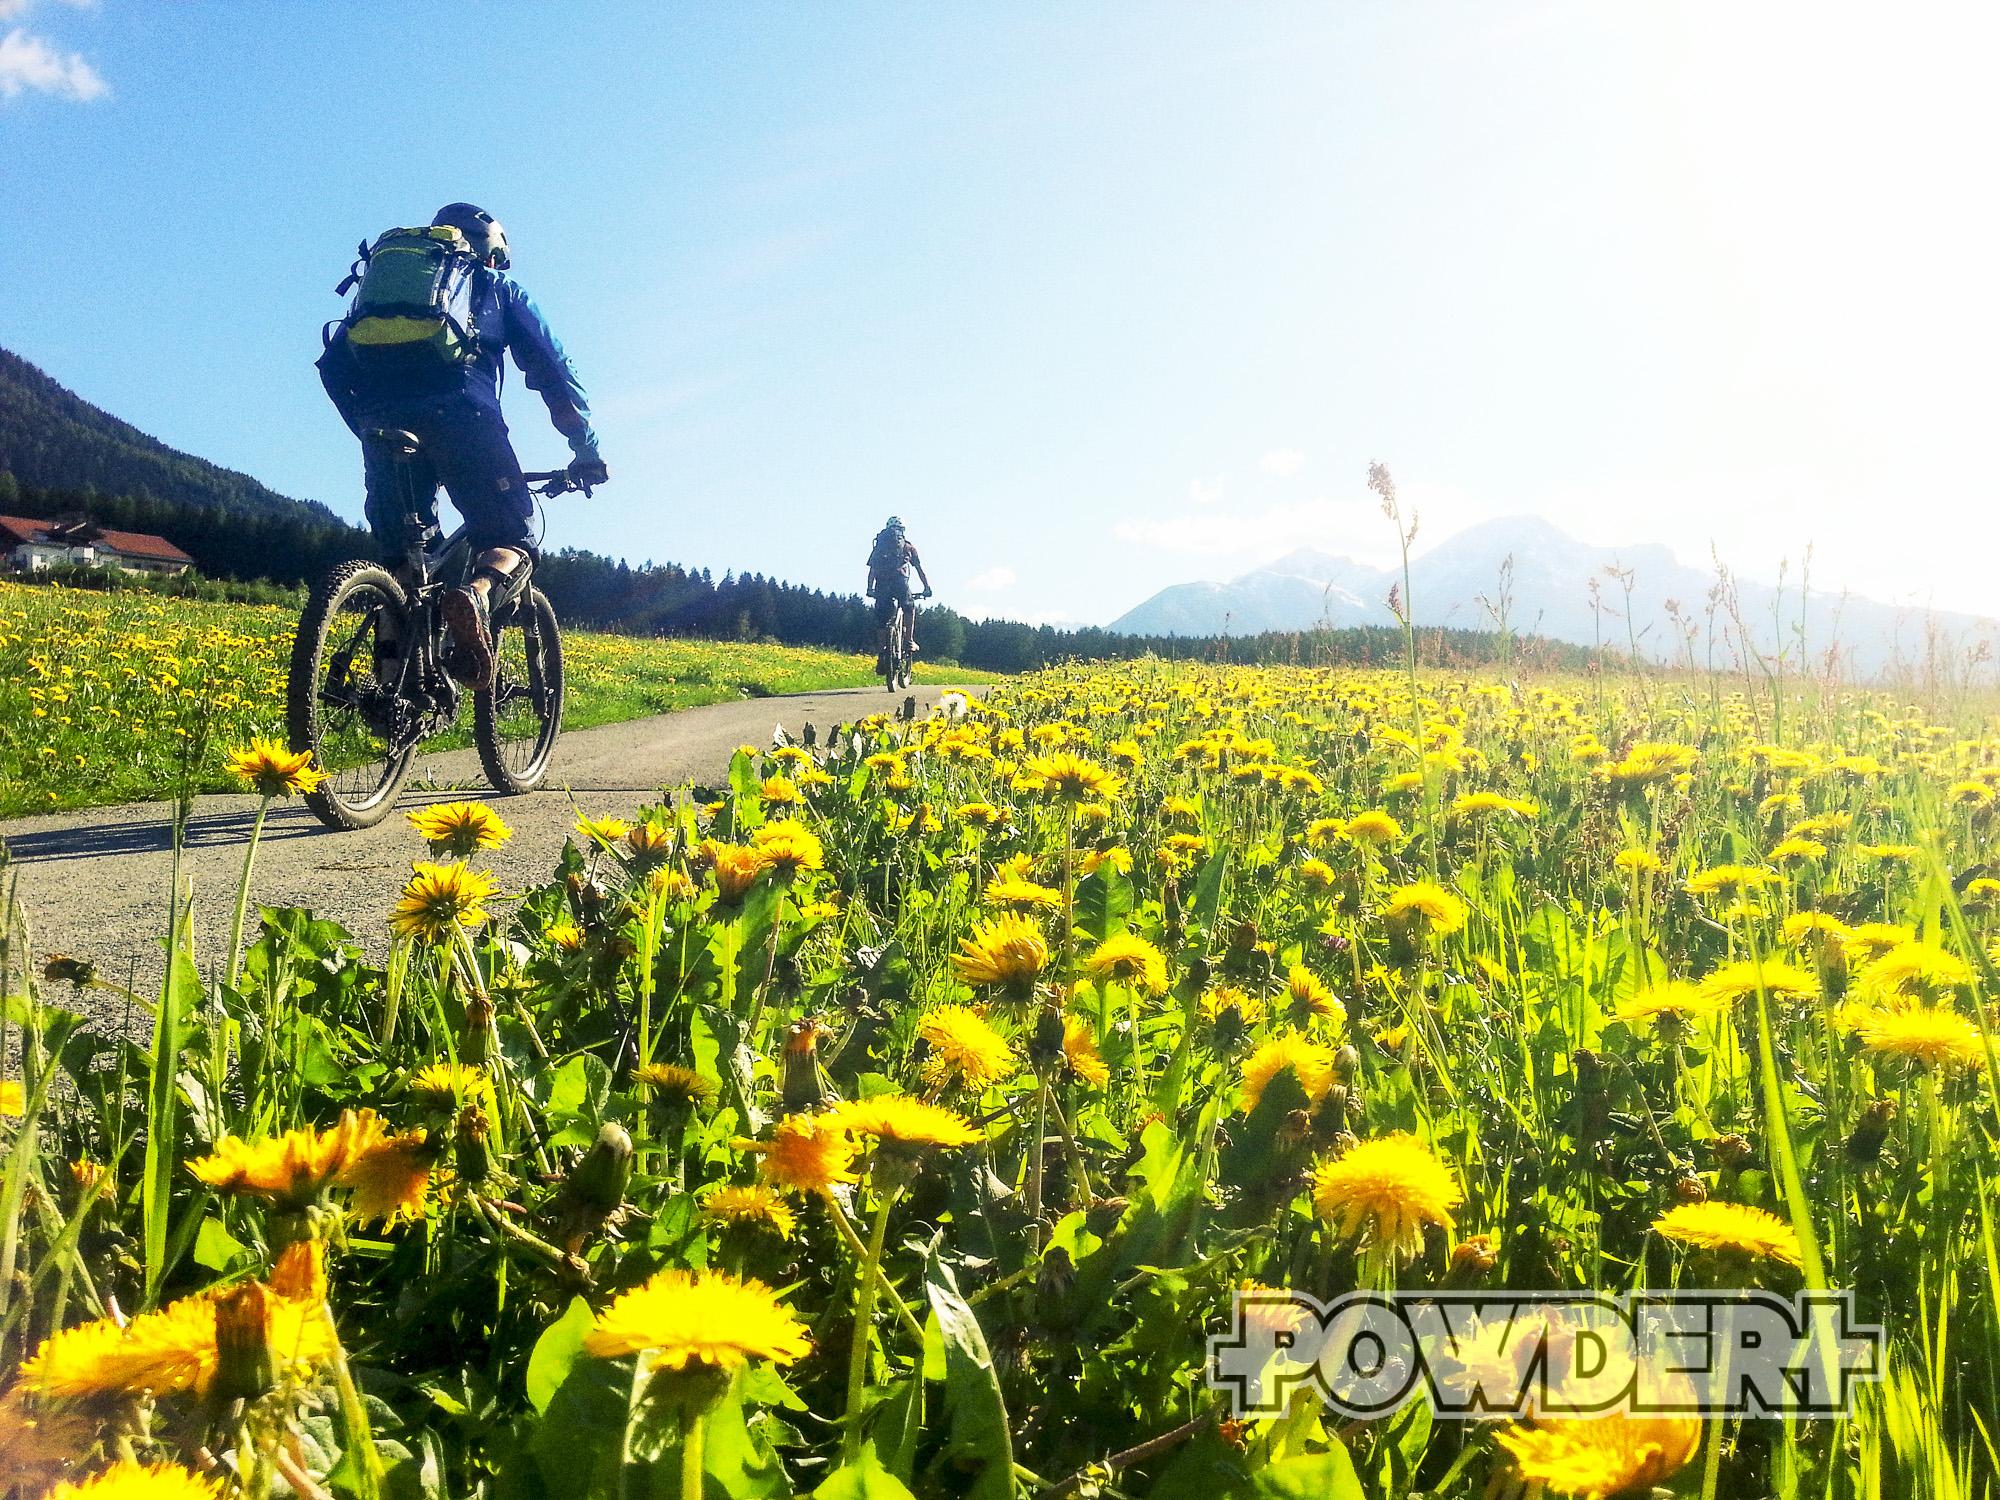 BIke, Mtb, Mountainbike, Verbot, Österreich, Gesetzeslage, Innsbruck, Tirol, Trailverbot, MTb-Modell, Mountainbike, Mountainbiken in Innsbruck